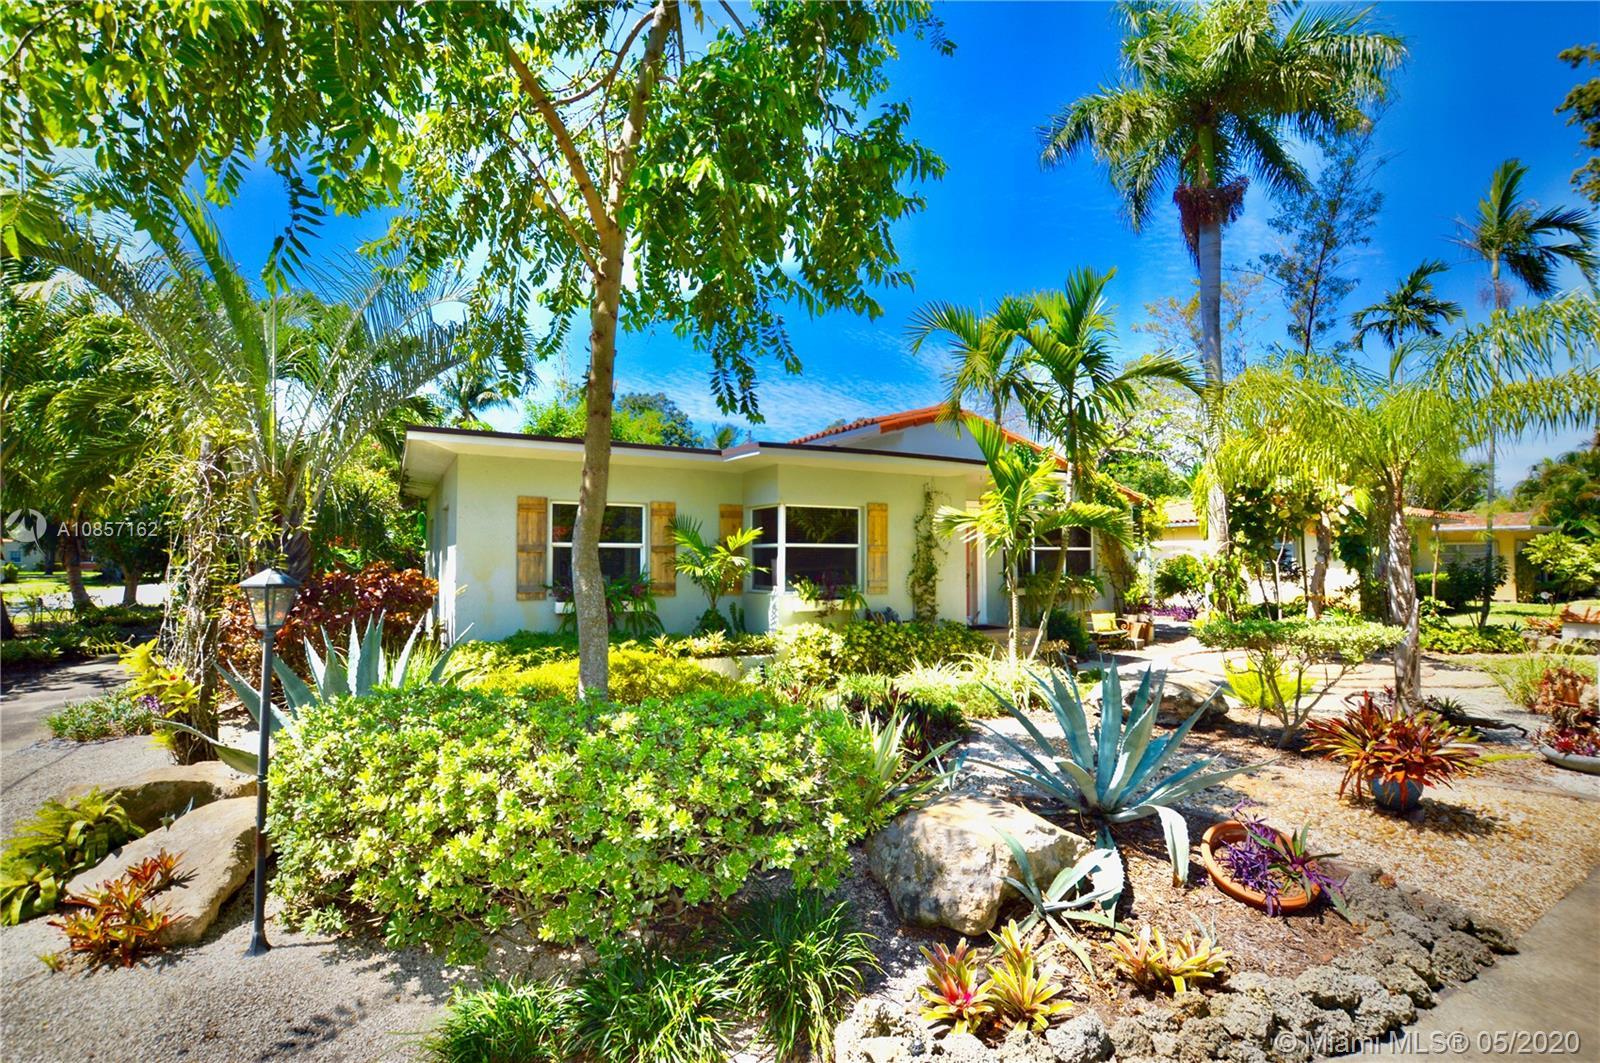 102 NW 106th St, Miami Shores, FL 33150